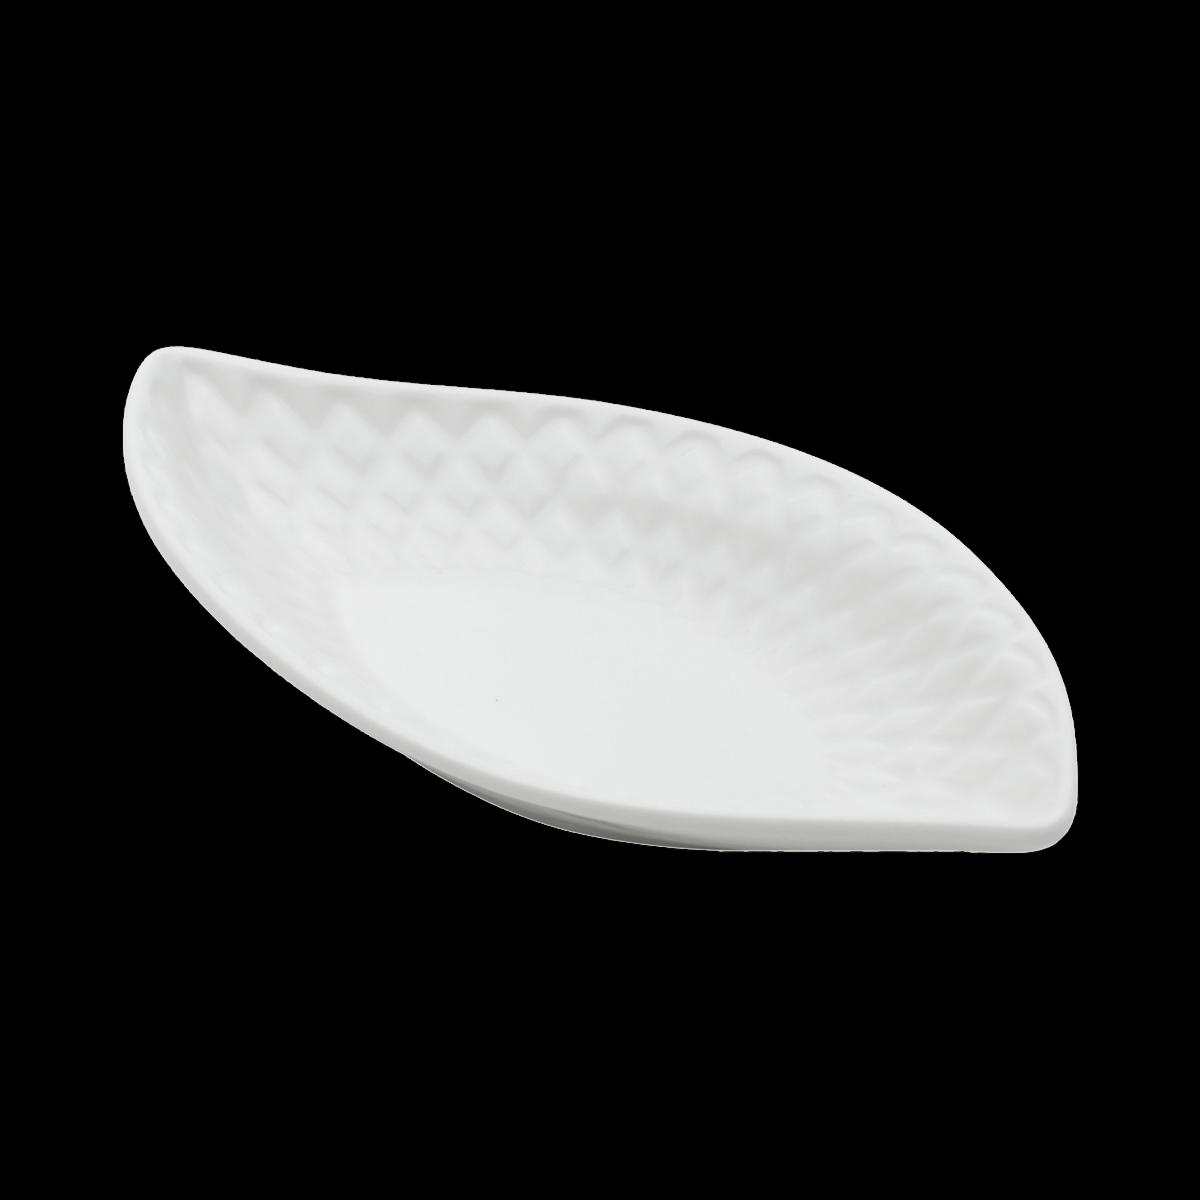 Cj 4 Pratos / Petisqueiras Cerâmica Curvy Leaf  20x10x3cm